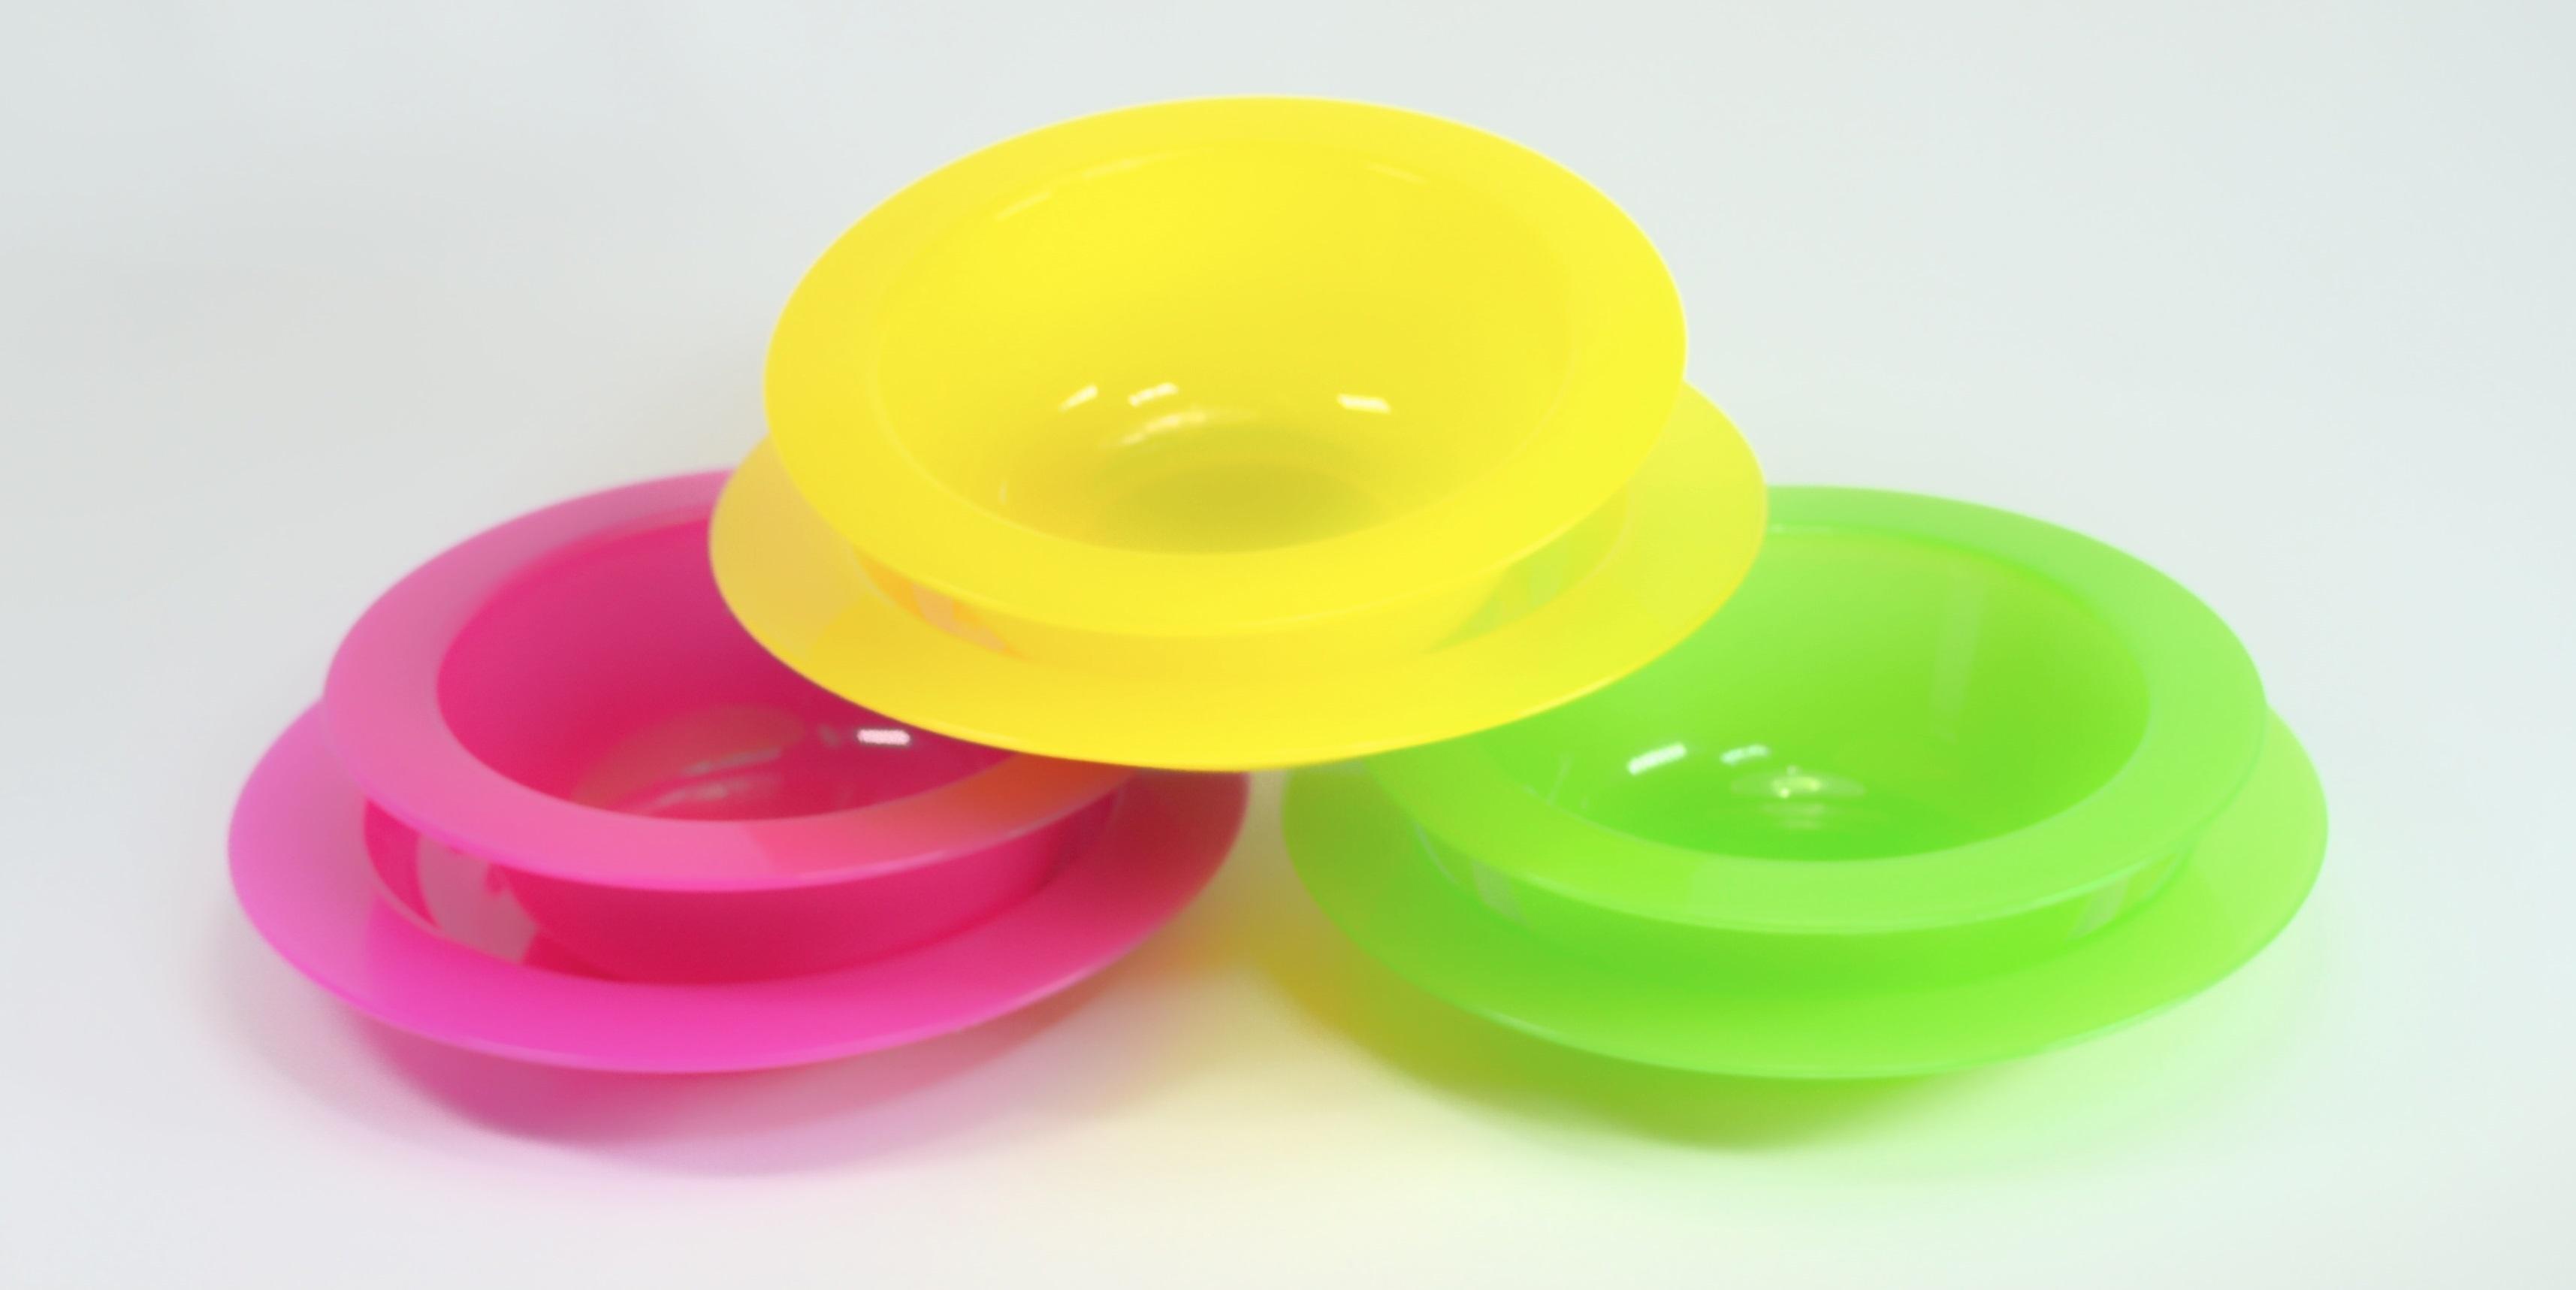 talíř 2ks dětský transpar,PP plast, MIX barev